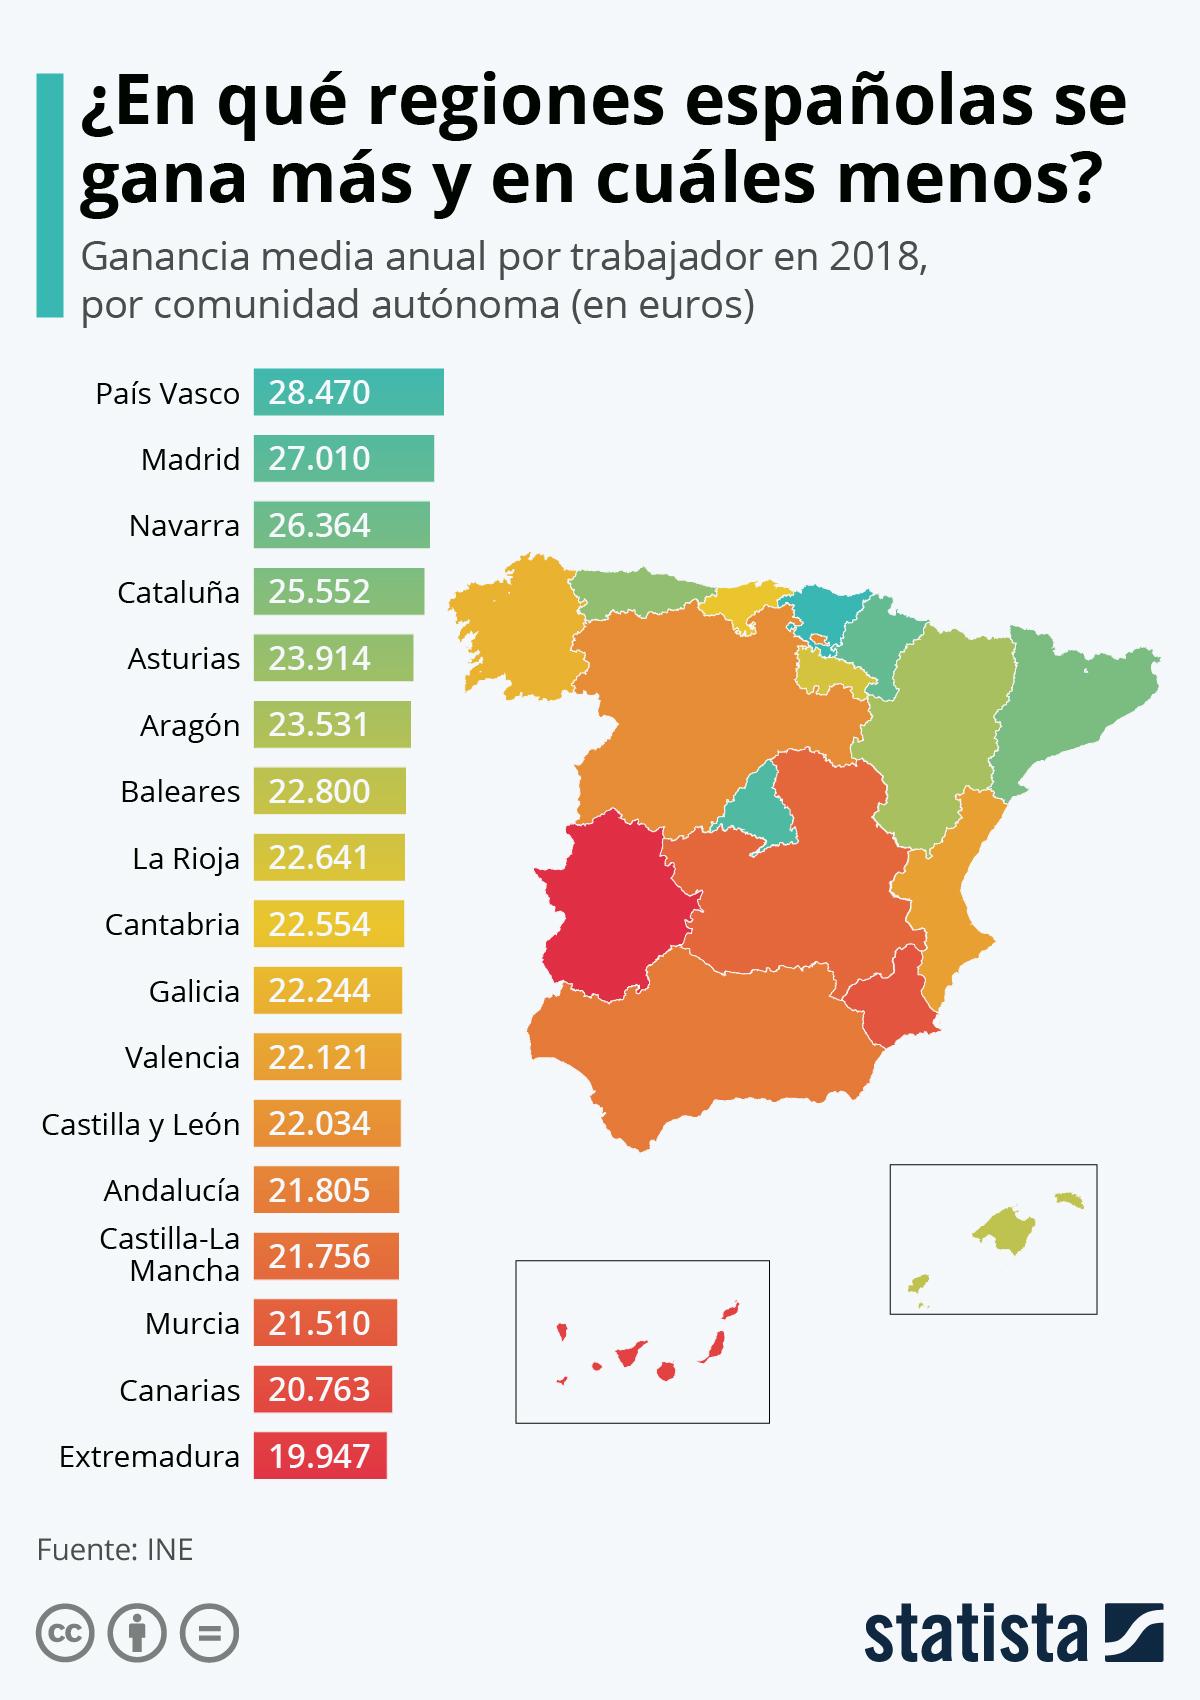 Salarios medios por comunidades autónomas en España #infografia #infographic #rrhh